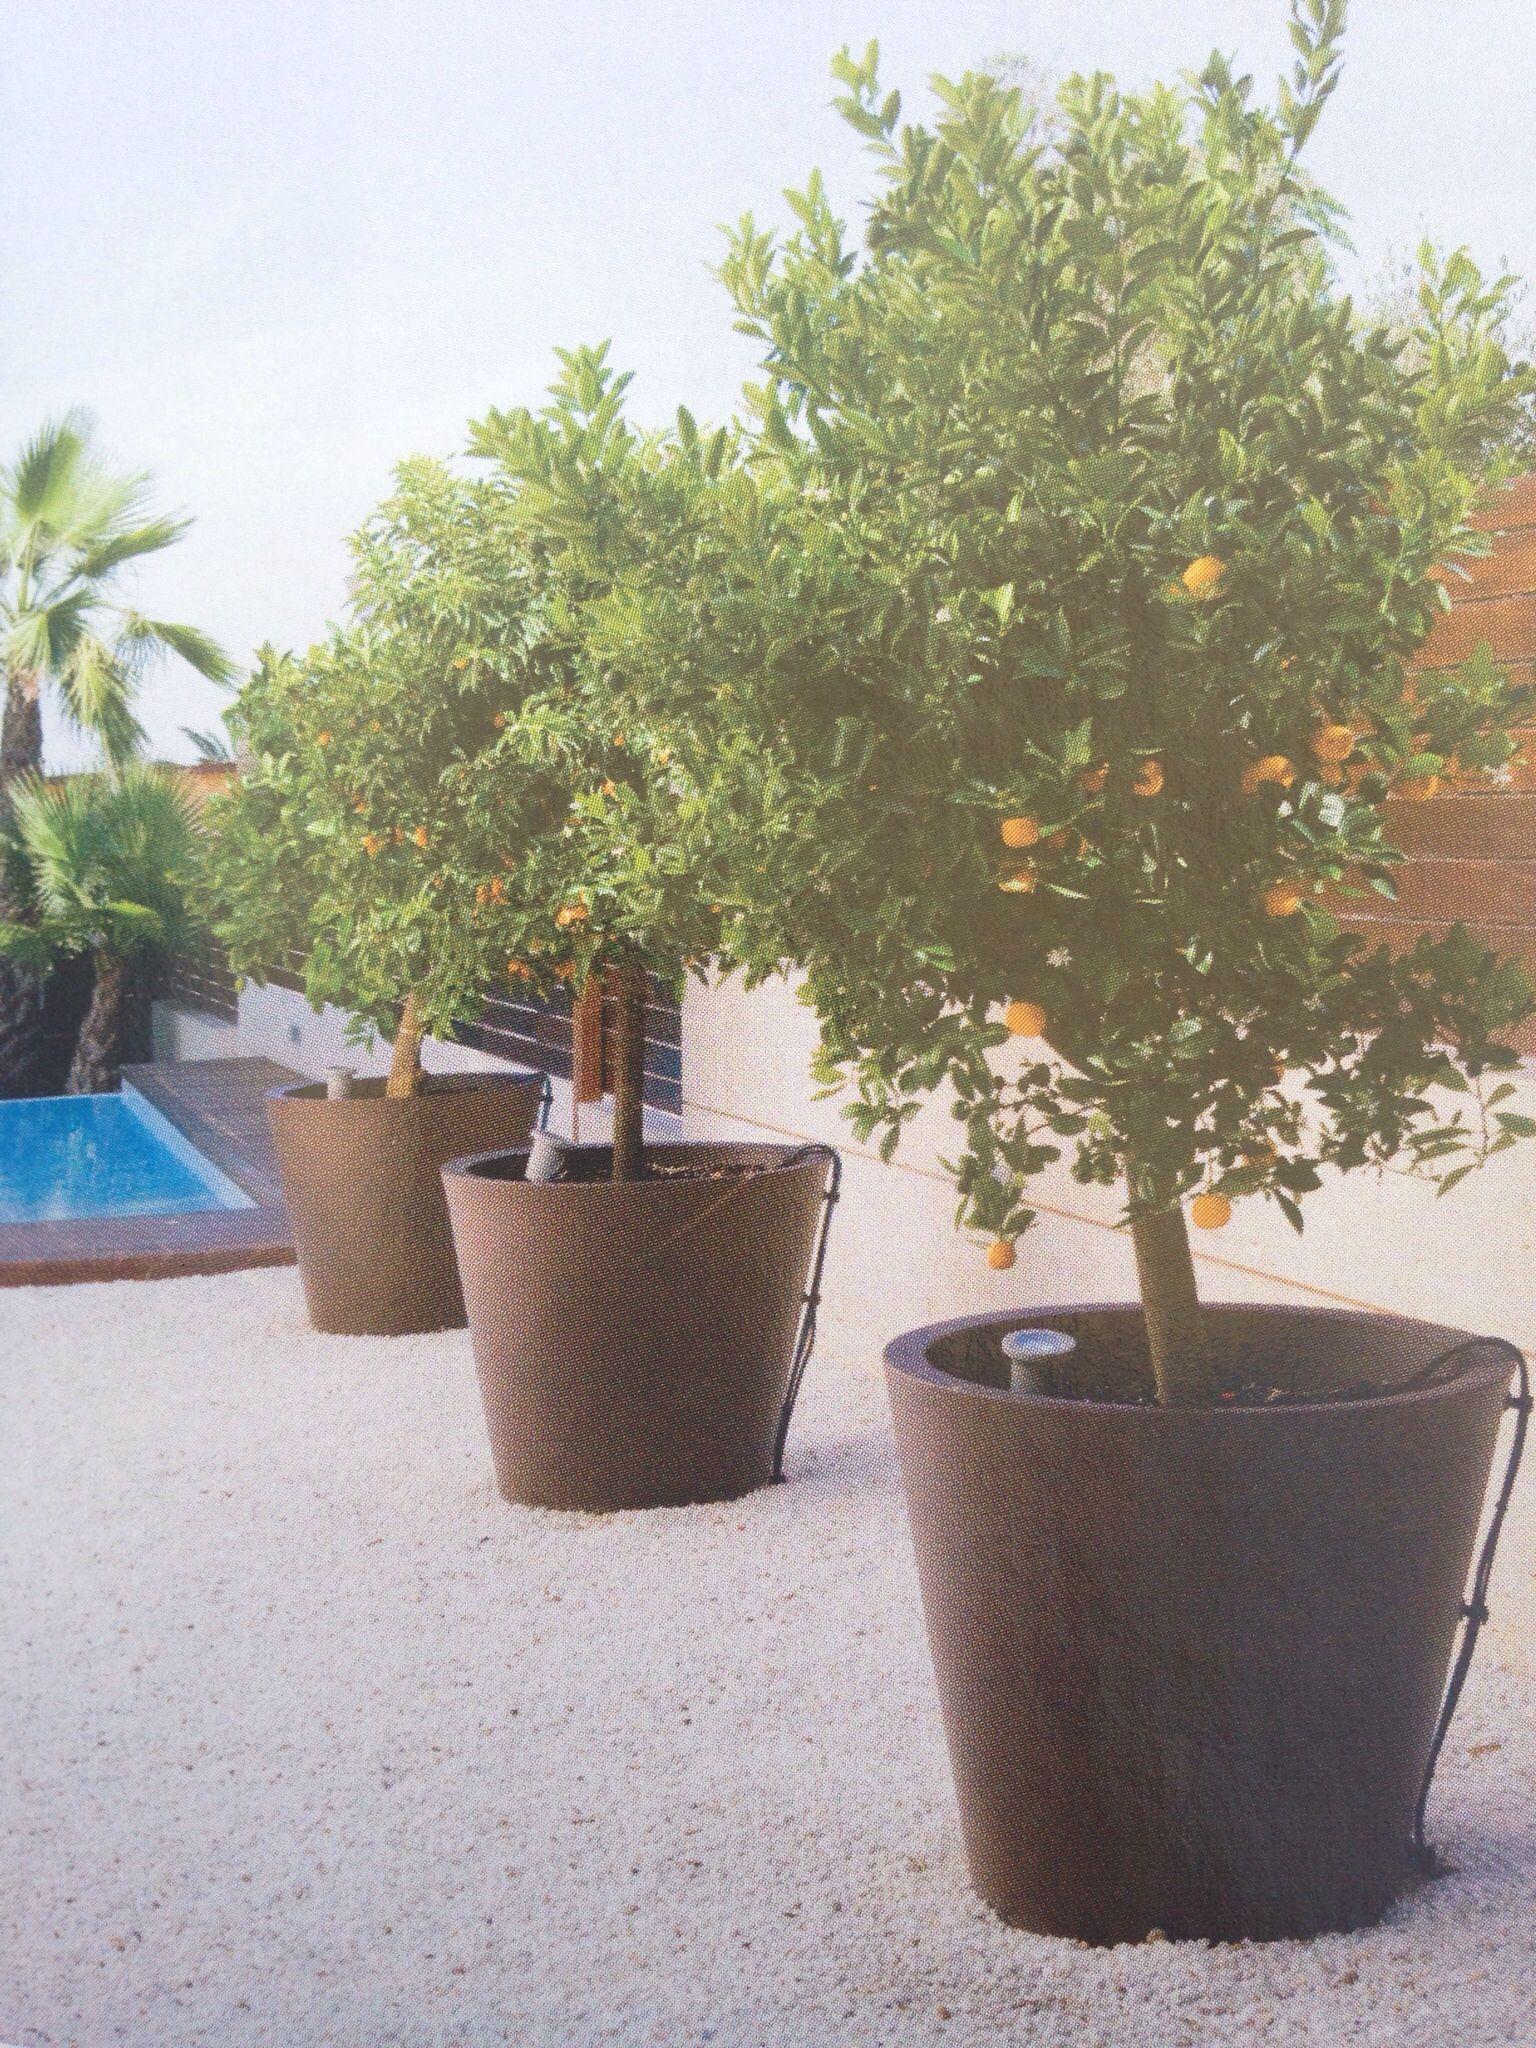 Macetas con rboles frutales para una terraza terraza for Cultivo de arboles frutales en macetas